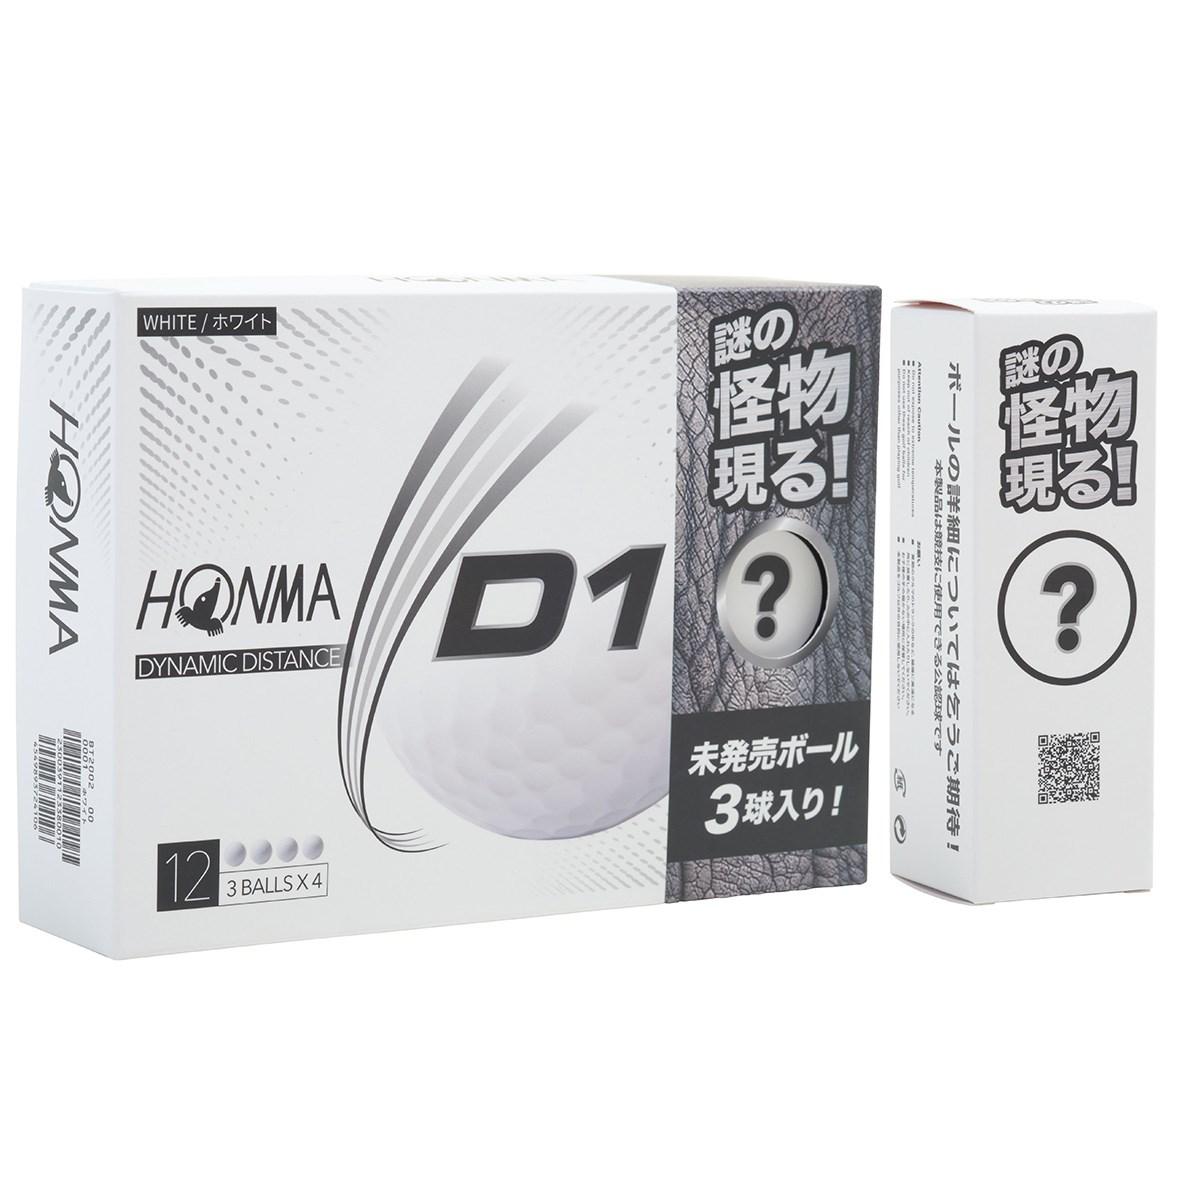 本間ゴルフ HONMA お試し限定パック D1 ボール 1ダース(12個入り) ホワイト